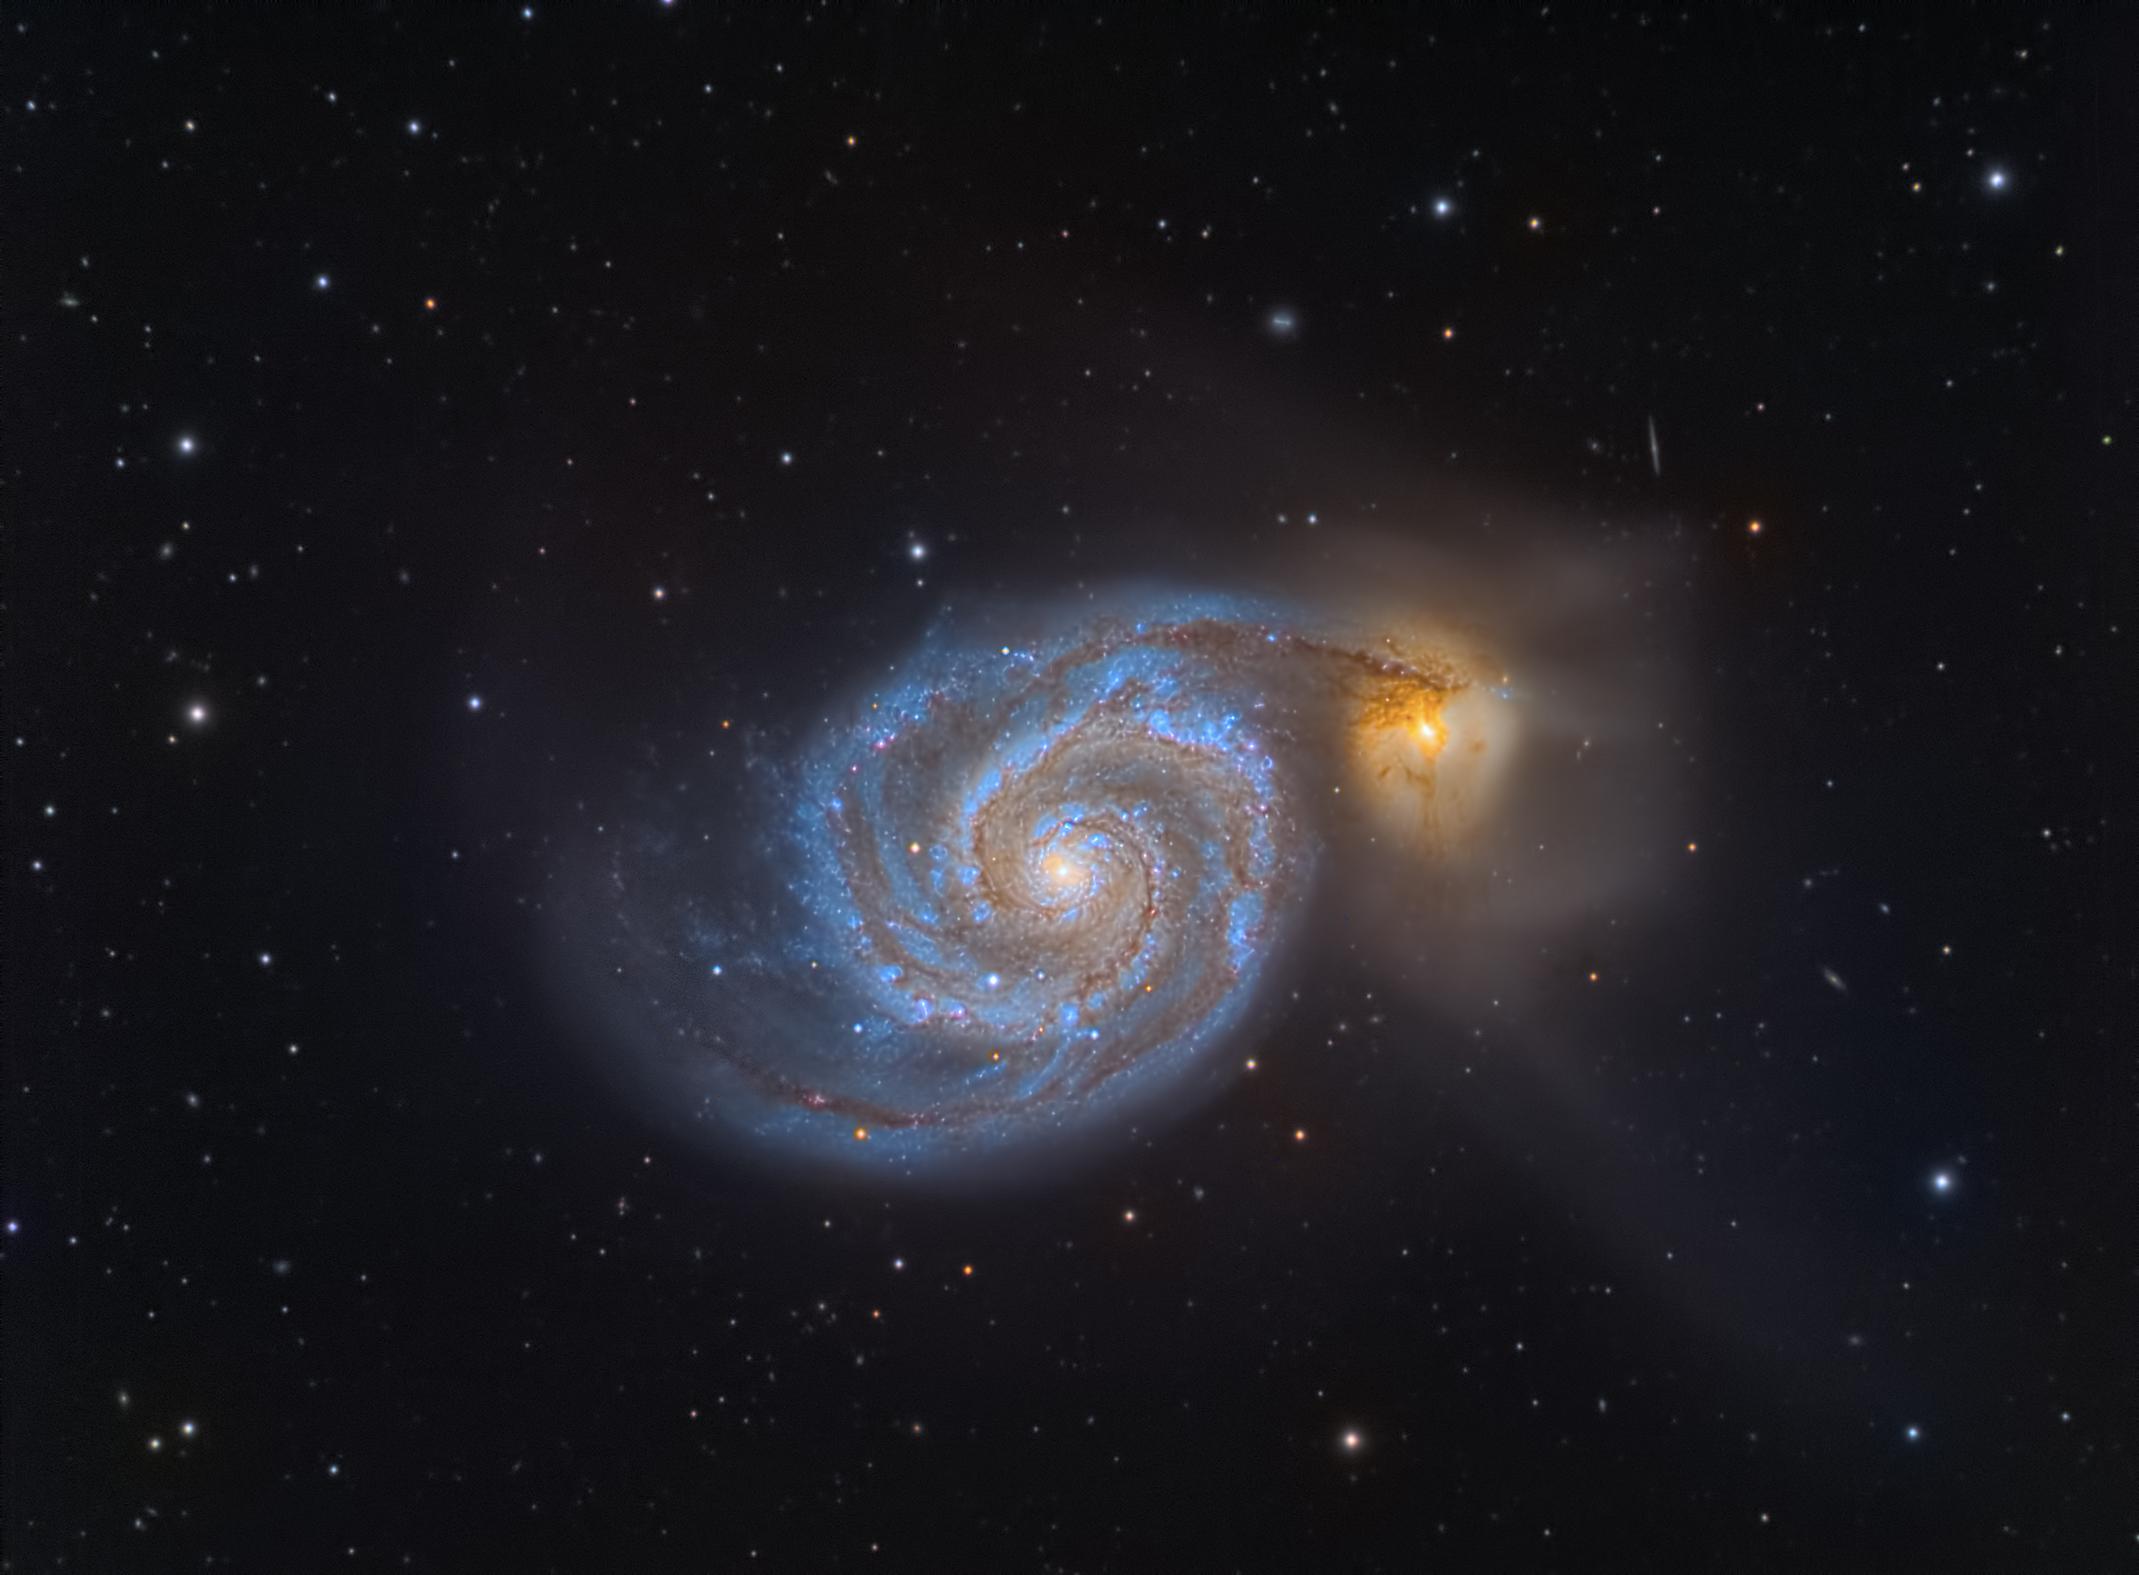 M 51-Whirpool Galaxy...